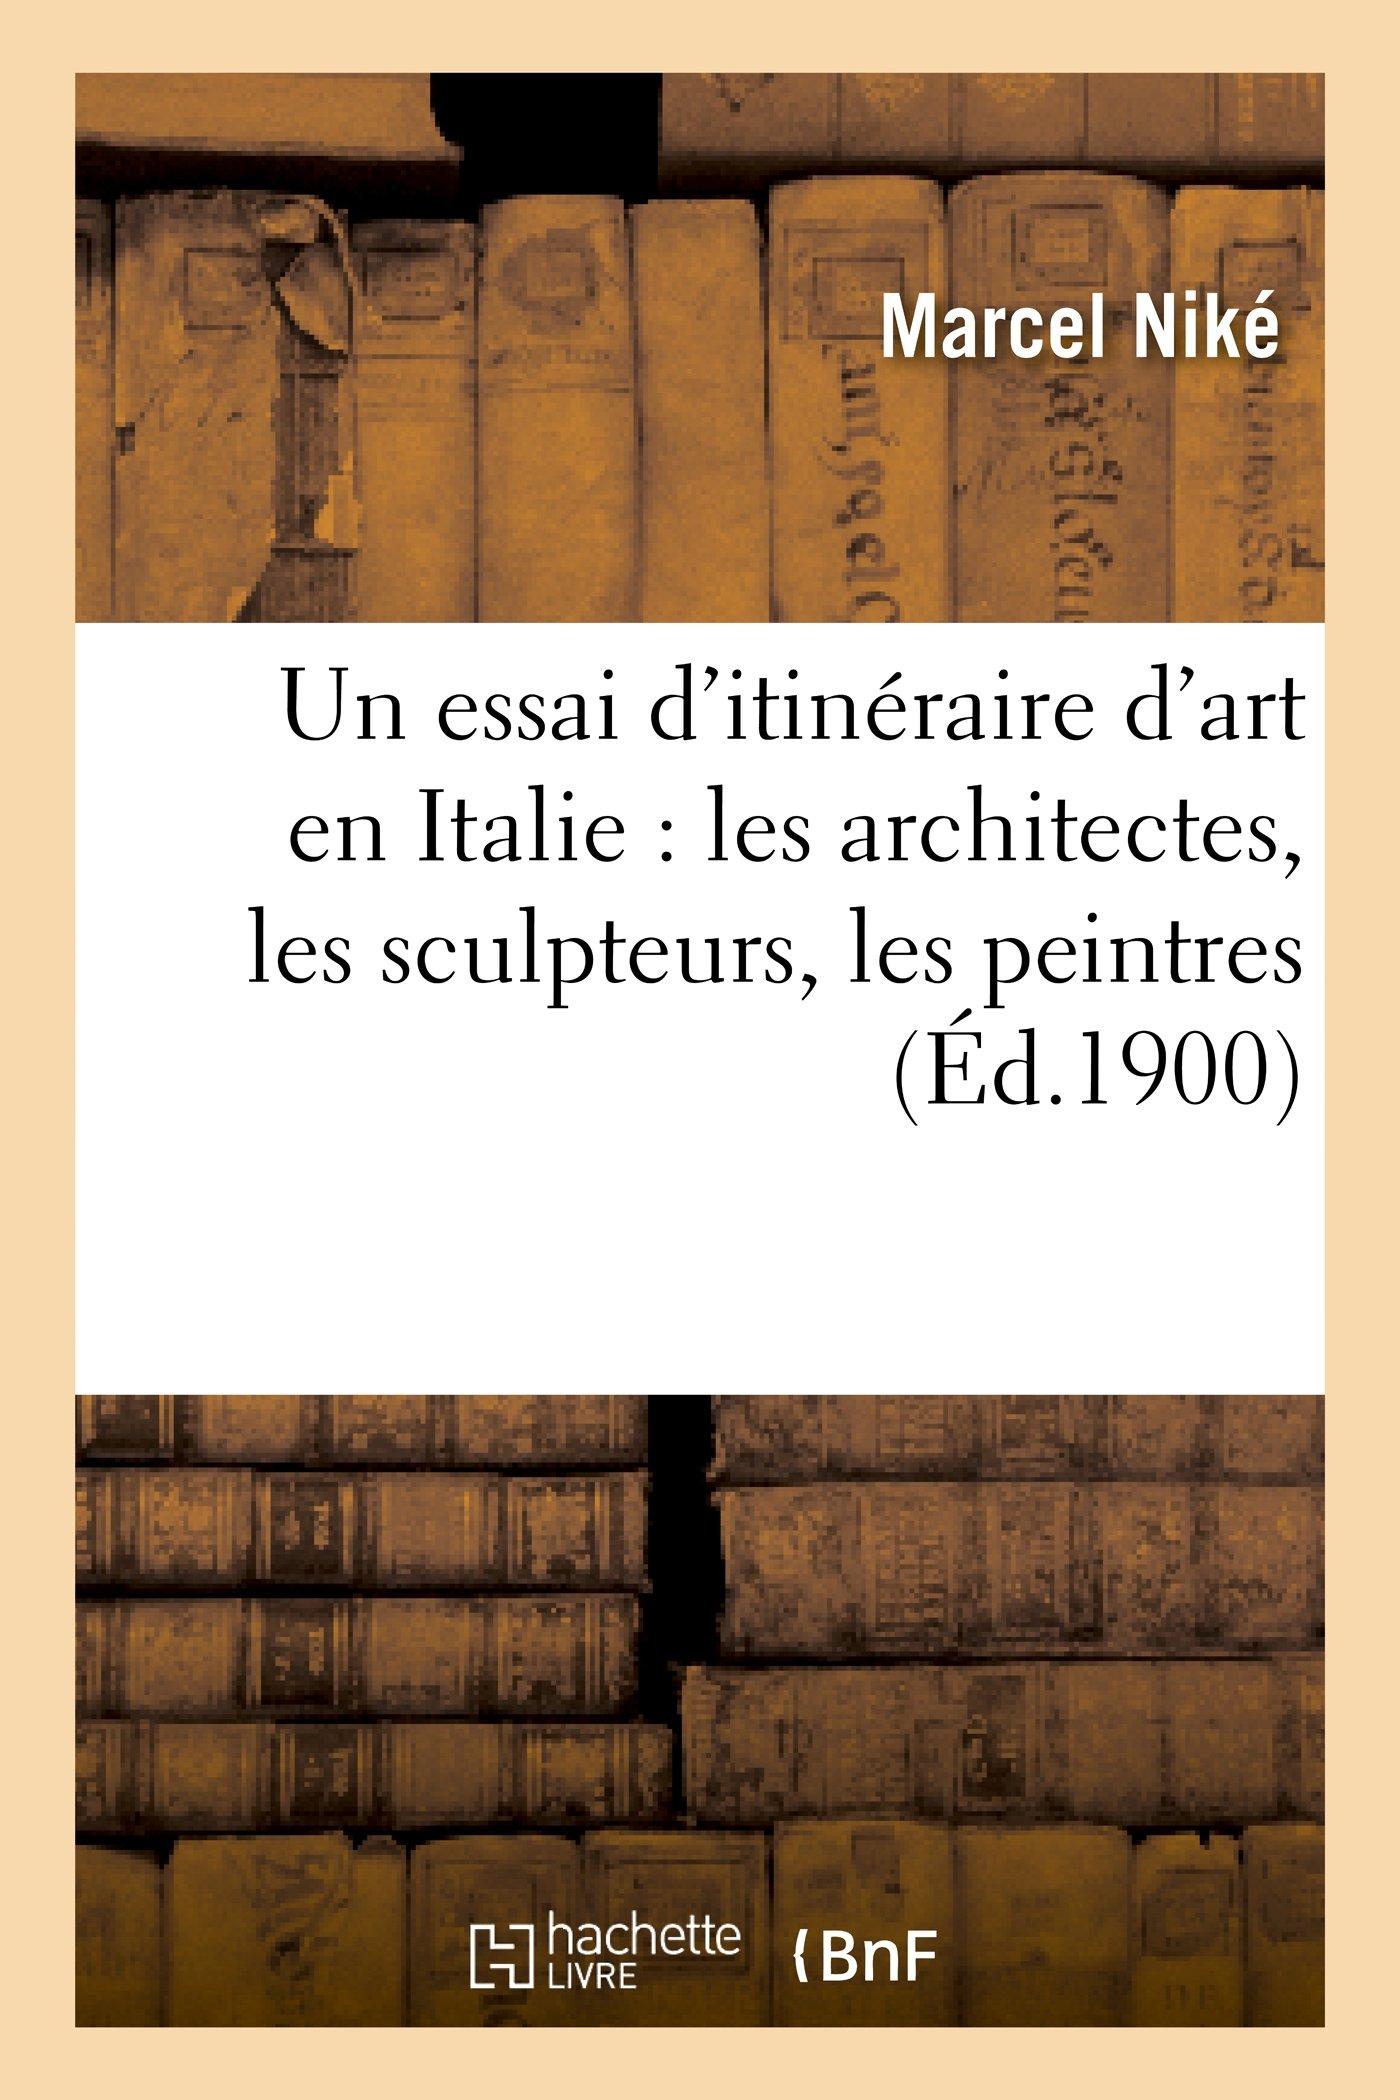 Download Un Essai D'Itineraire D'Art En Italie: Les Architectes, Les Sculpteurs, Les Peintres (Arts) (French Edition) PDF